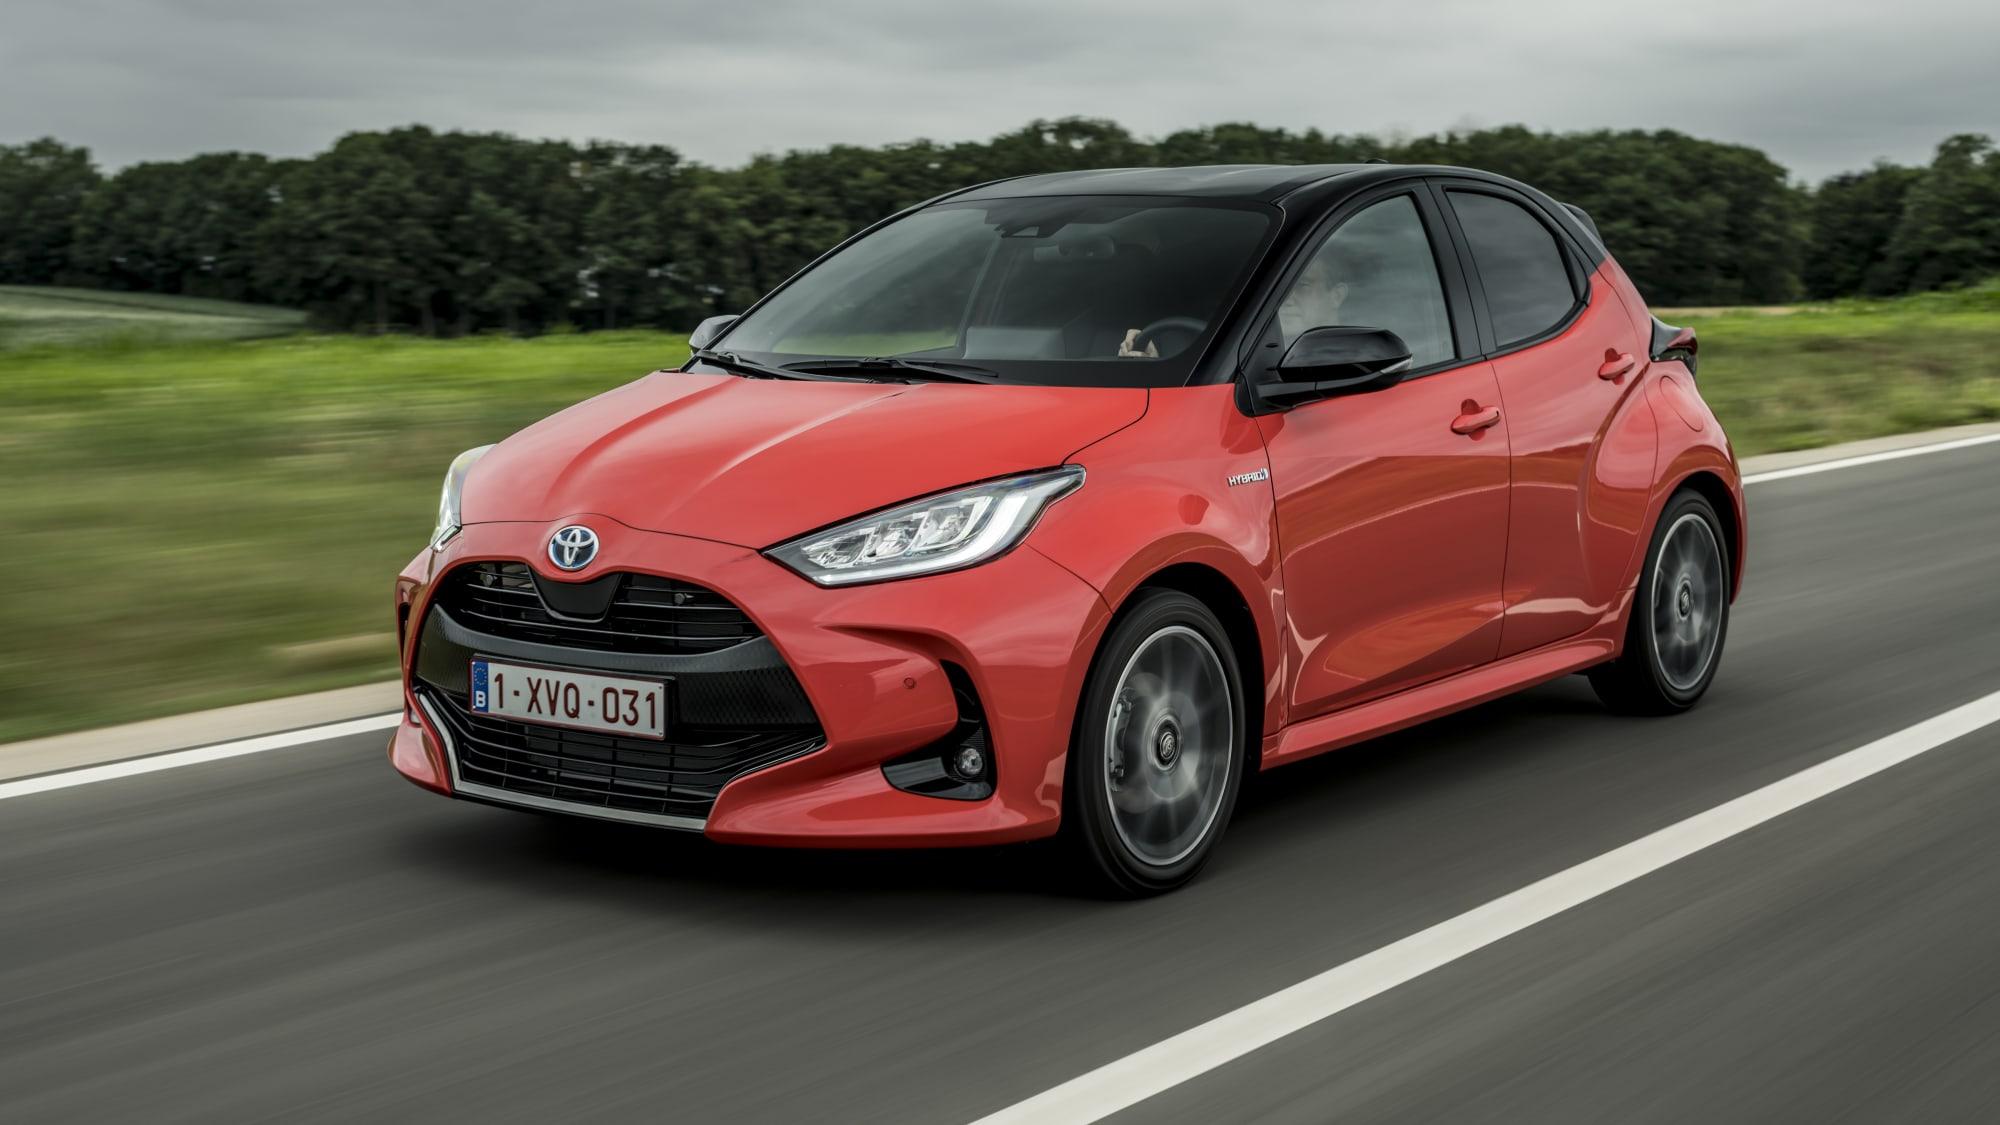 2020 Toyota Yaris Exterior